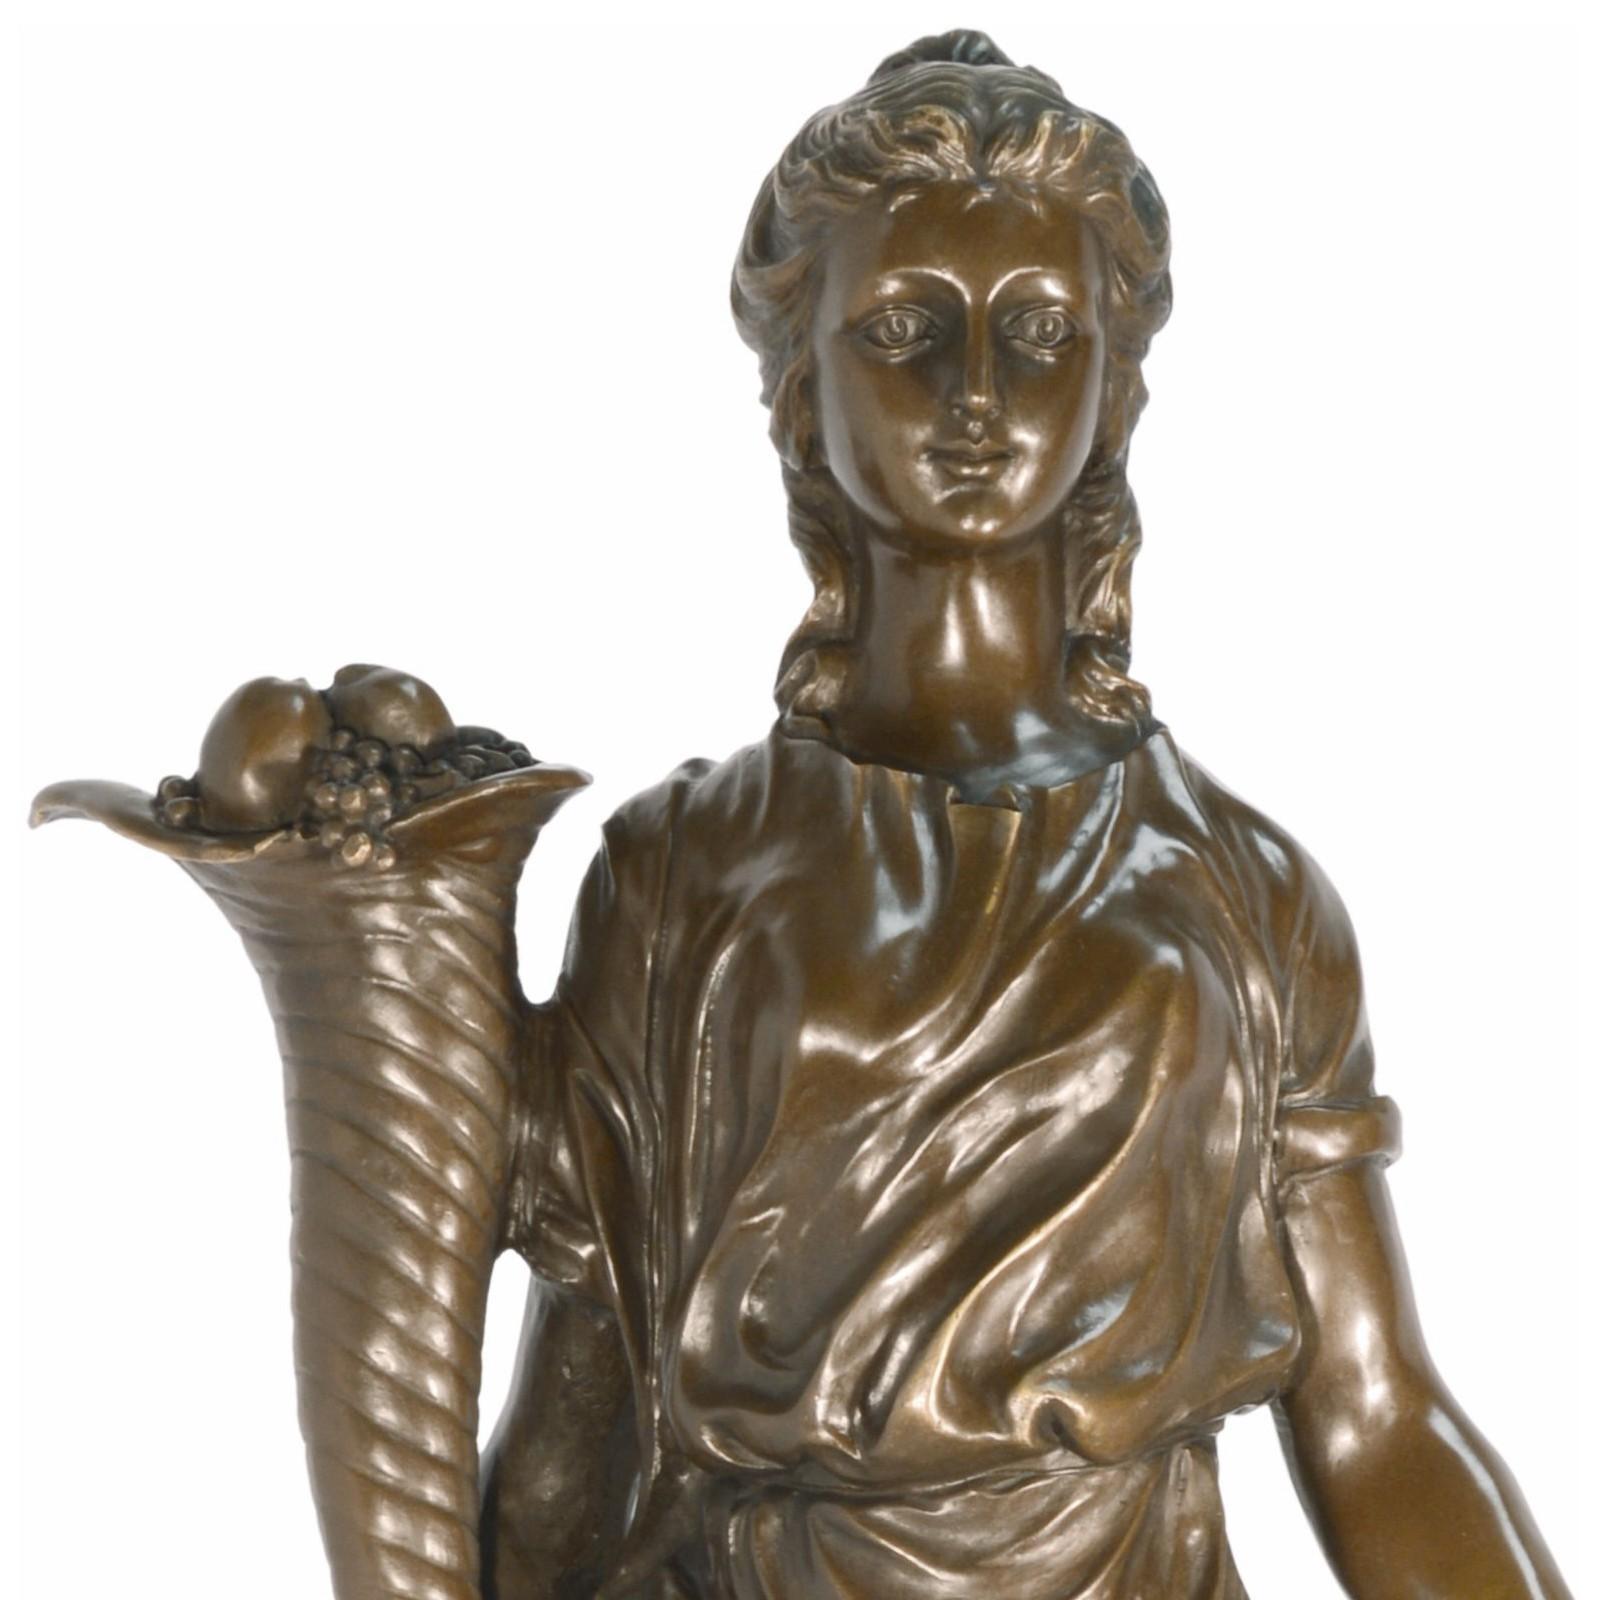 Sommer Bronze Skulptur griechische Göttin Frauen Bronzestatue 86cm ...